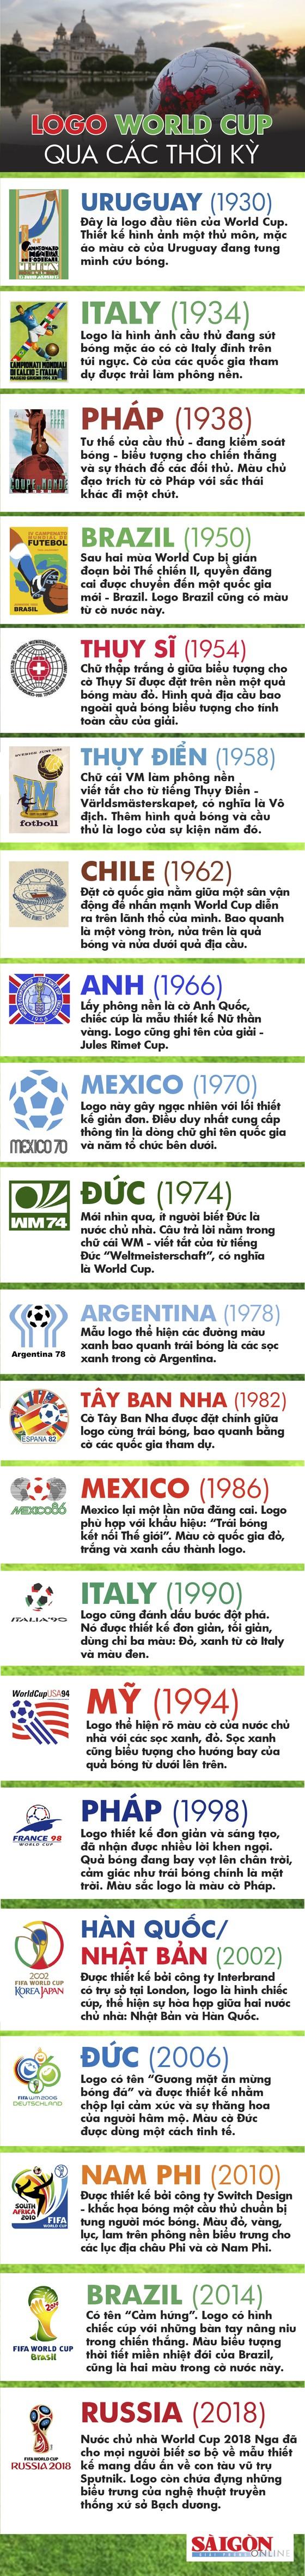 Logo World Cup qua các thời kỳ từ 1930 đến 2018 ảnh 1